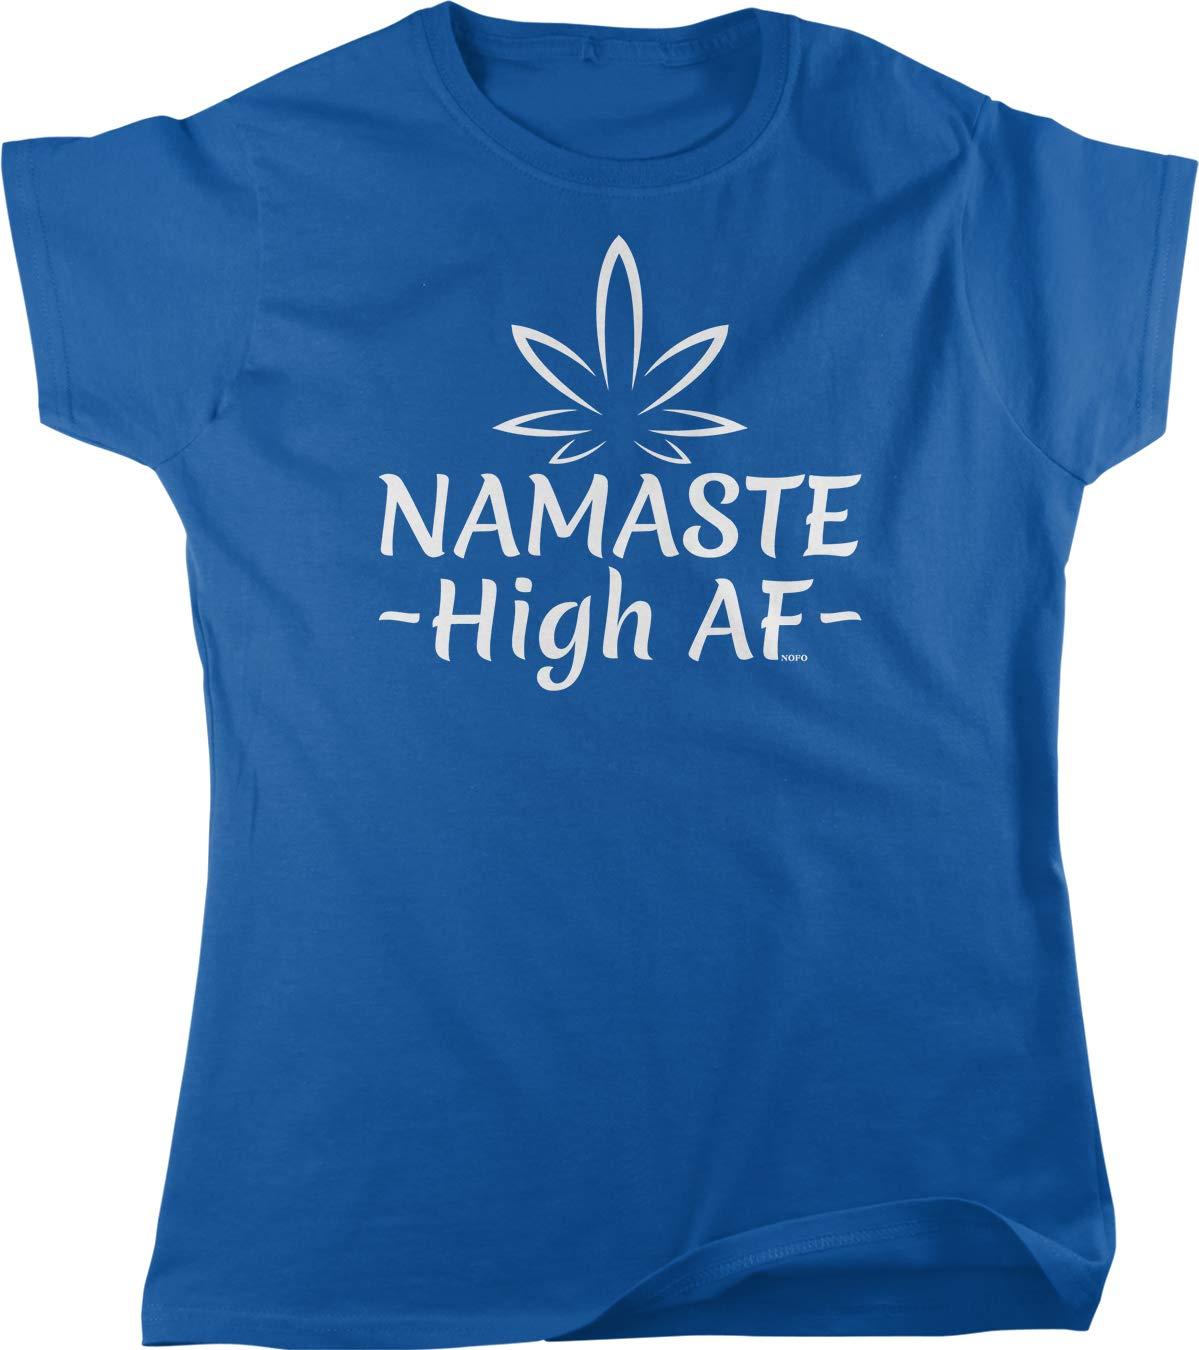 Namaste High Af Tshirt